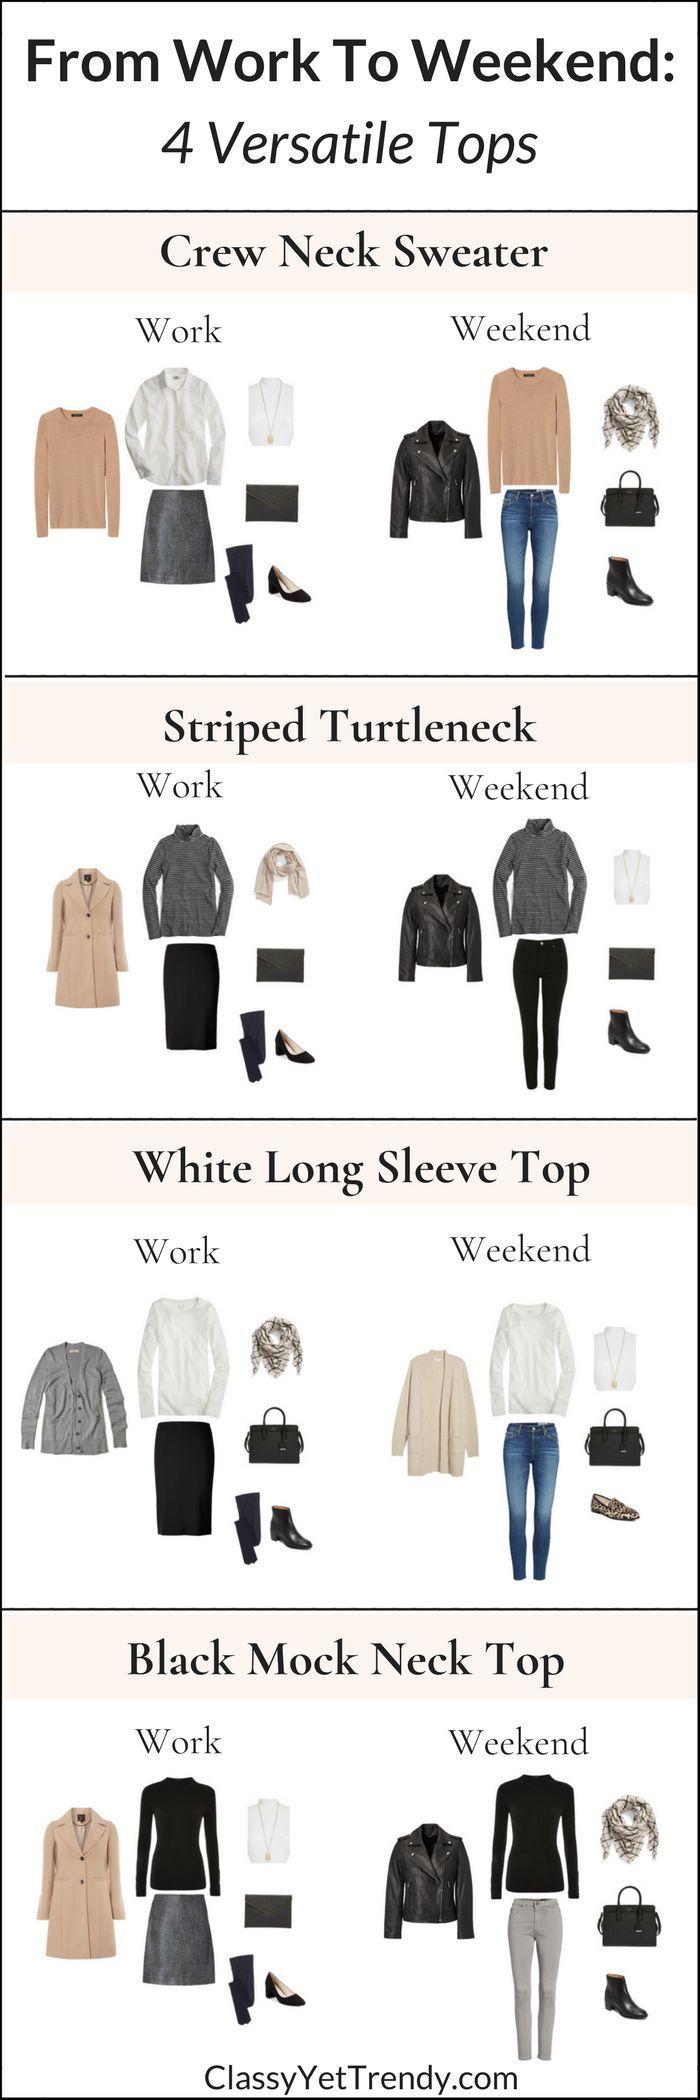 From Work To Weekend: 4 Versatile Tops – http://wolfpack-toptrendspint.blackjumpsuitoutfit.tk/